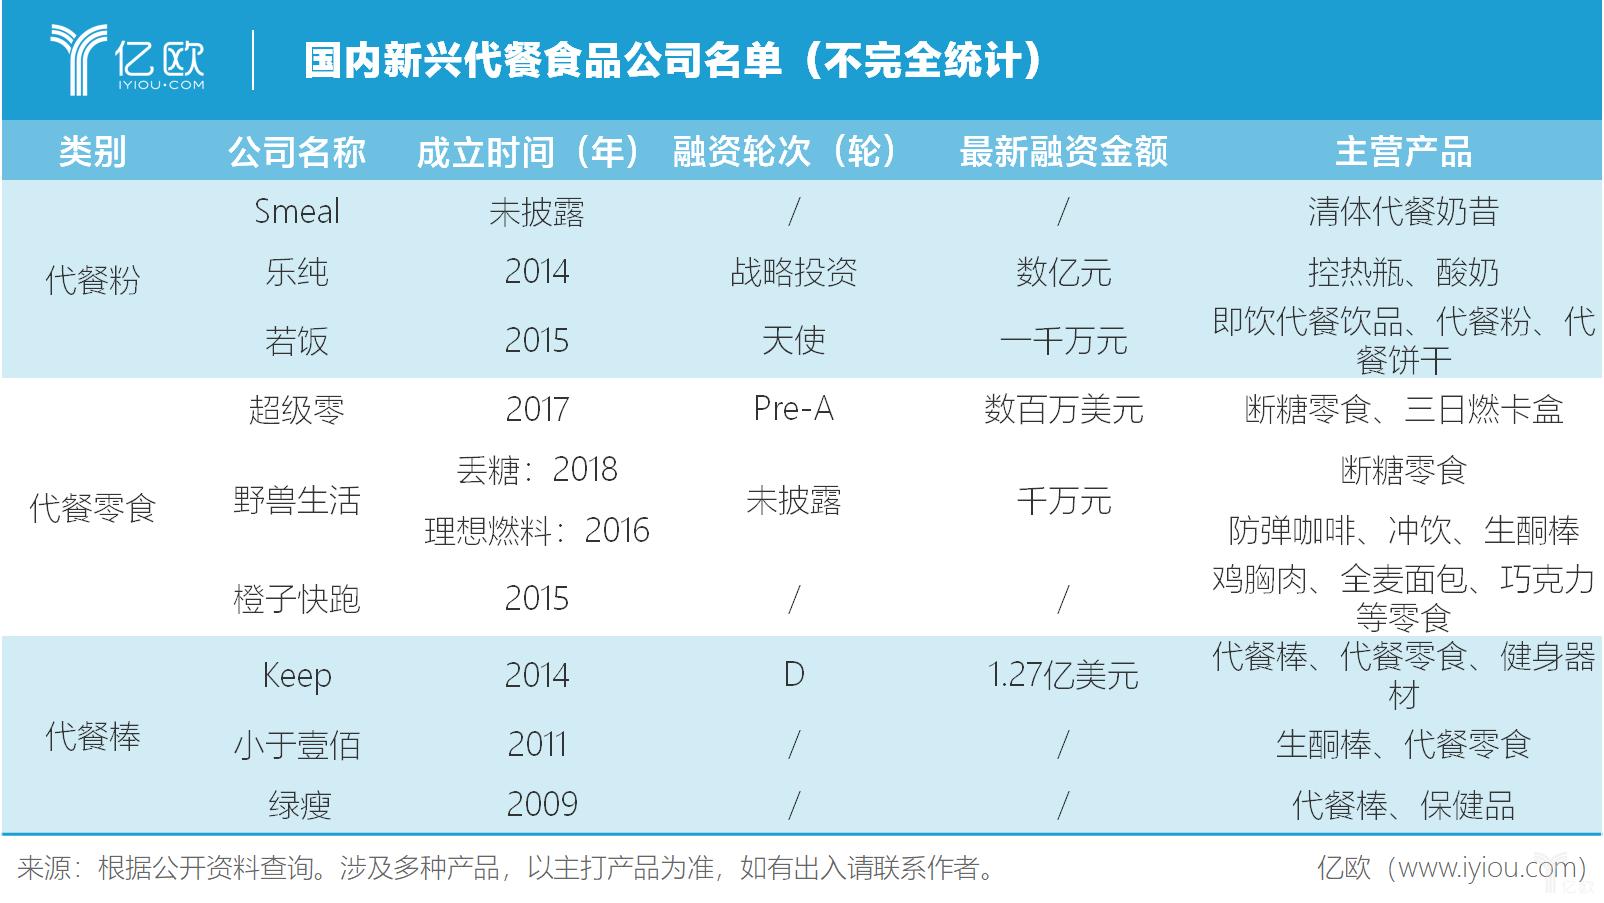 此前欧睿国际的一组数据显示,目前中国身体管理食品行业的大部分市场份额被康宝莱占有,市场占有率达到了88.6%,排名第二的安利的市场份额是4.4%。然而,在代餐行业发展更为成熟的美国,康宝莱的市场份额只能排到第五。